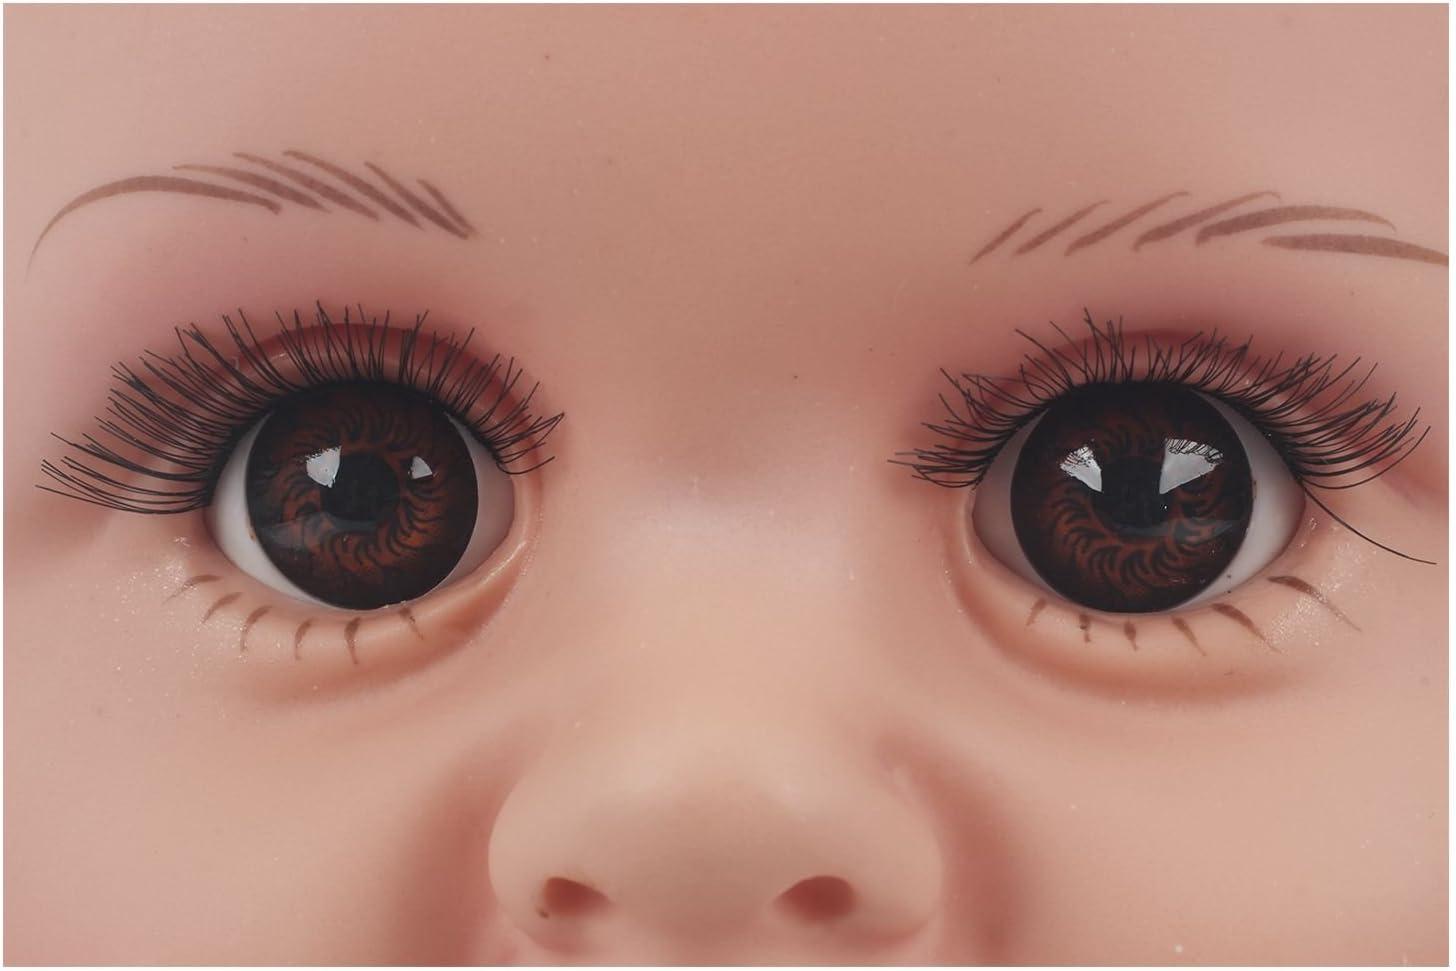 ACAMPTAR Children Schaufensterpuppe Babypuppen Schaufensterpuppen Kopfdeckel Brille